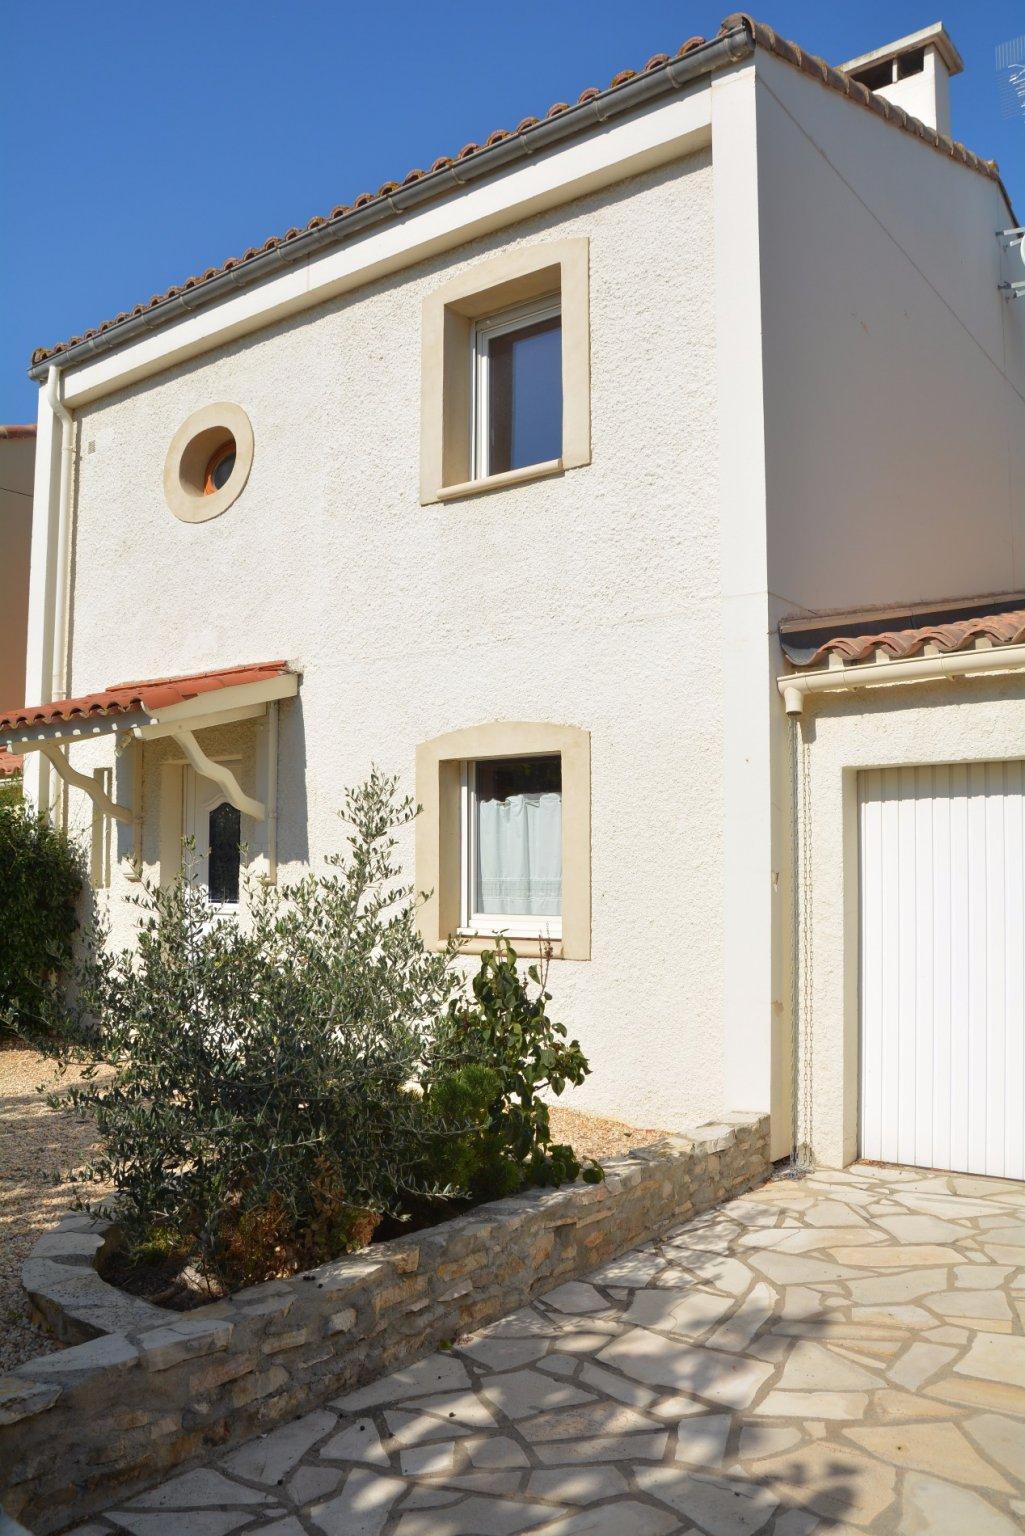 maison 224 vendre 224 proche carcassonne 0003023 agence immobiliere 224 carcassonne aude achat